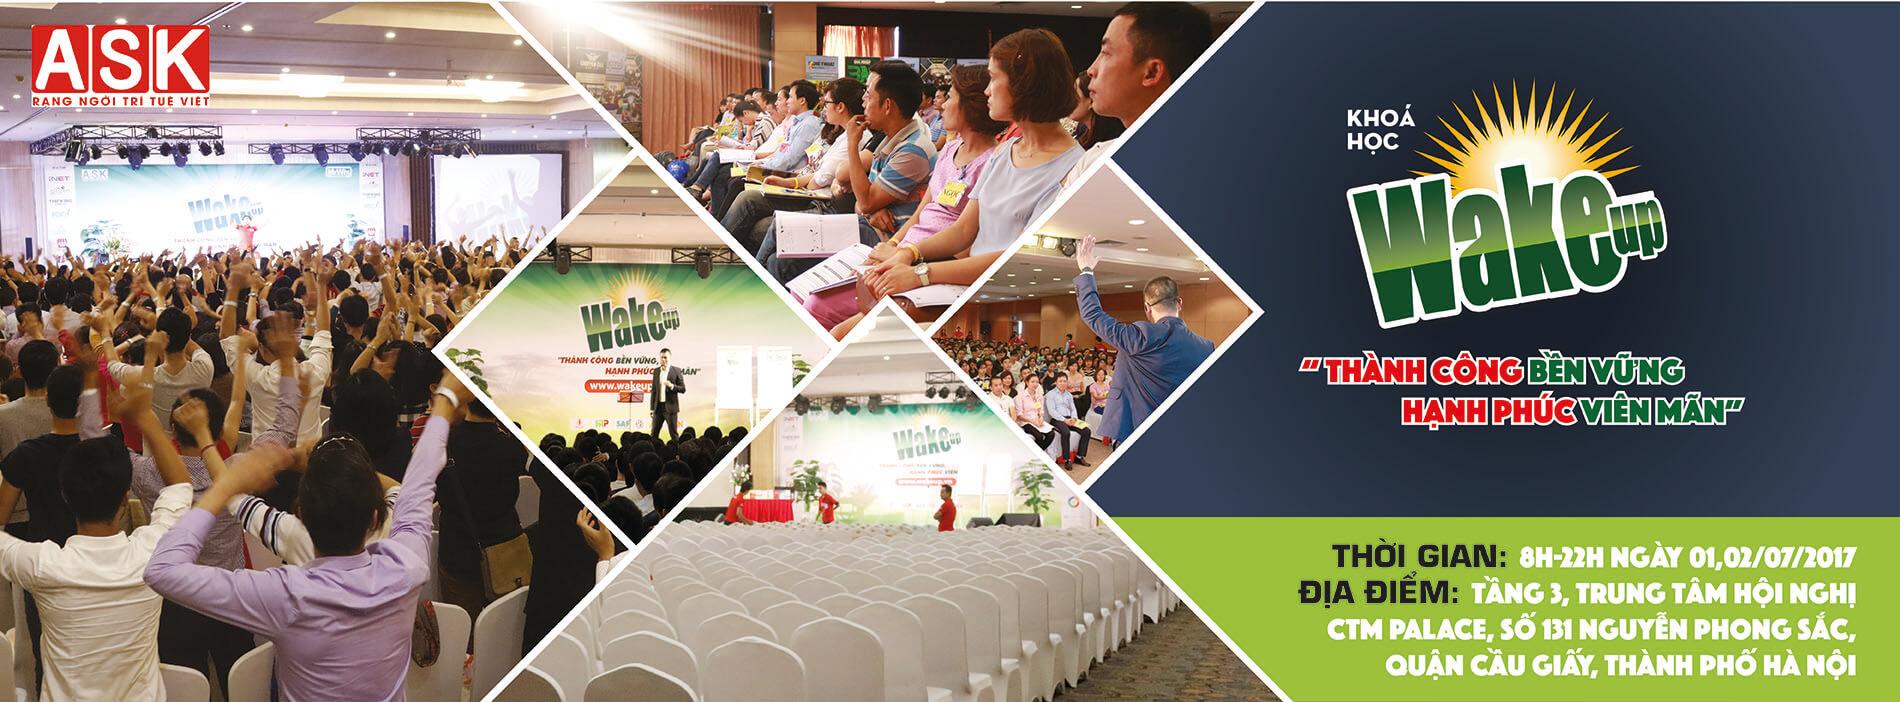 Thông báo địa điểm tổ chức khóa học WAKE UP tháng 7 tại Hà Nội